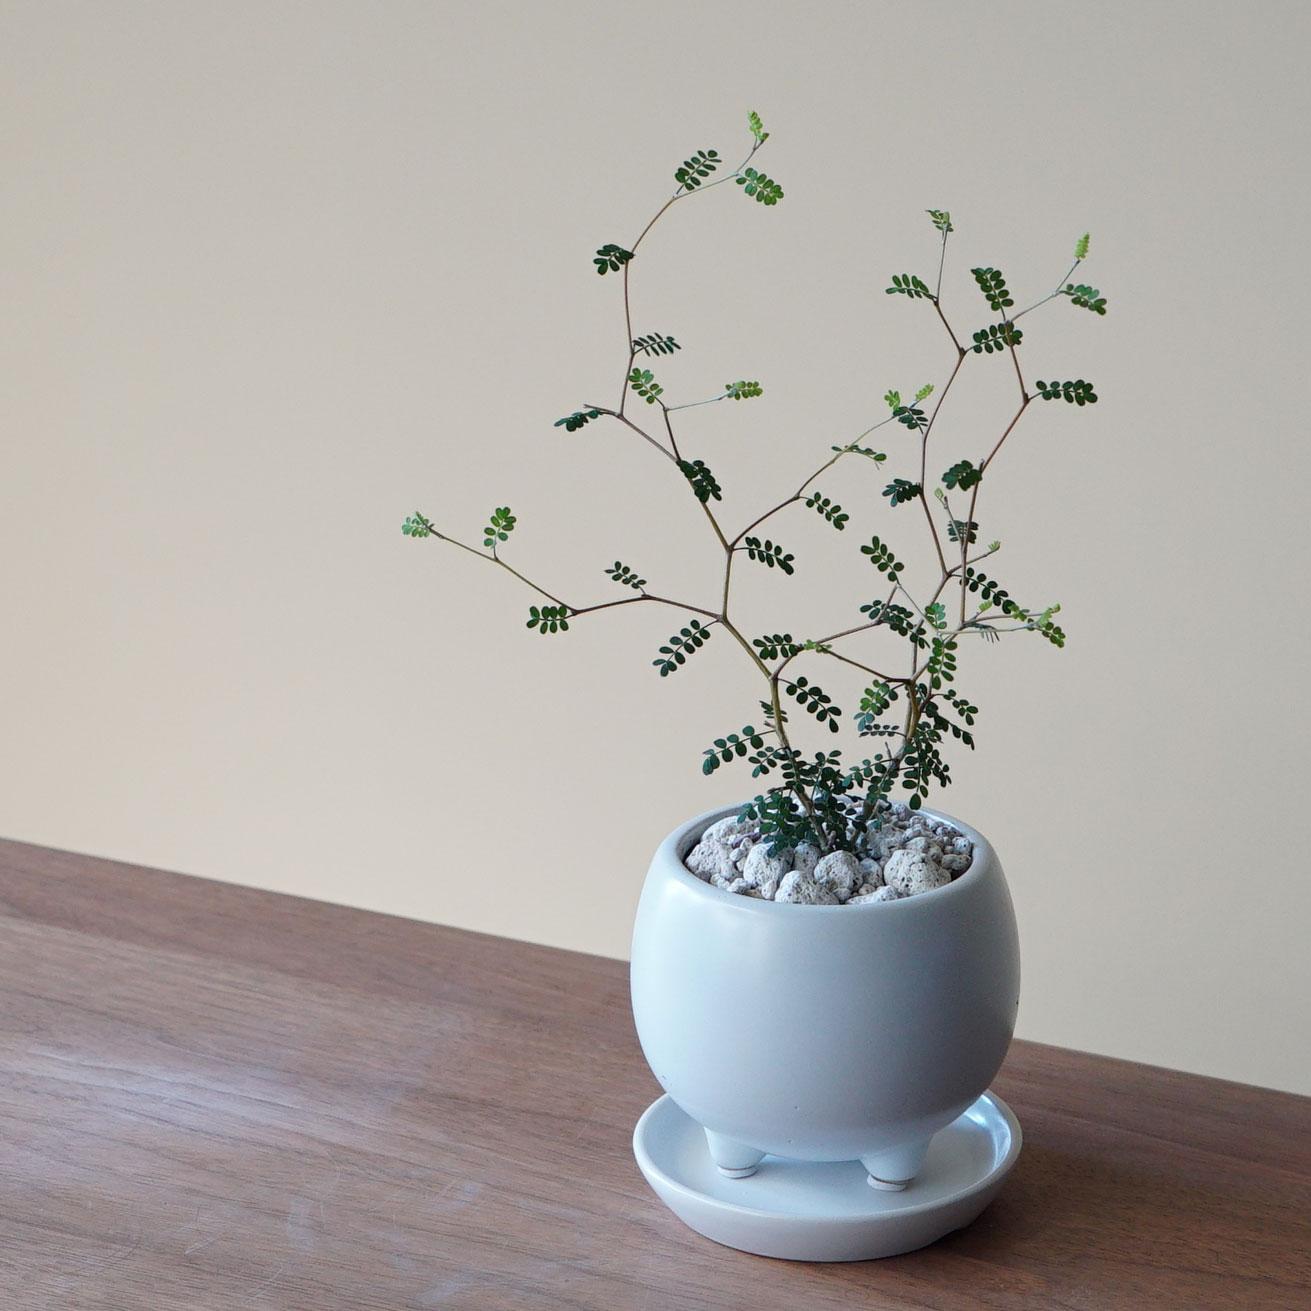 ギフト マート 日本全国 送料無料 プレゼント シンプルな白い陶器鉢 育て方ガイド付き ソフォラ 観葉植物 小さい おしゃれ 人気 ミクロフィラ